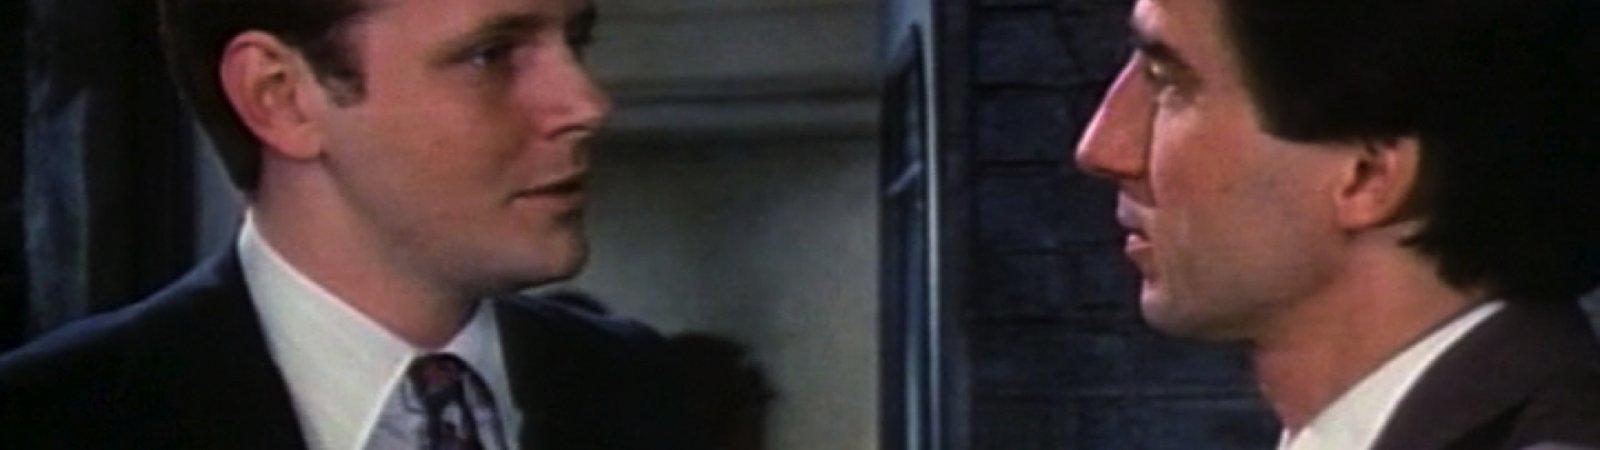 Photo dernier film  Kennedy Kennedy